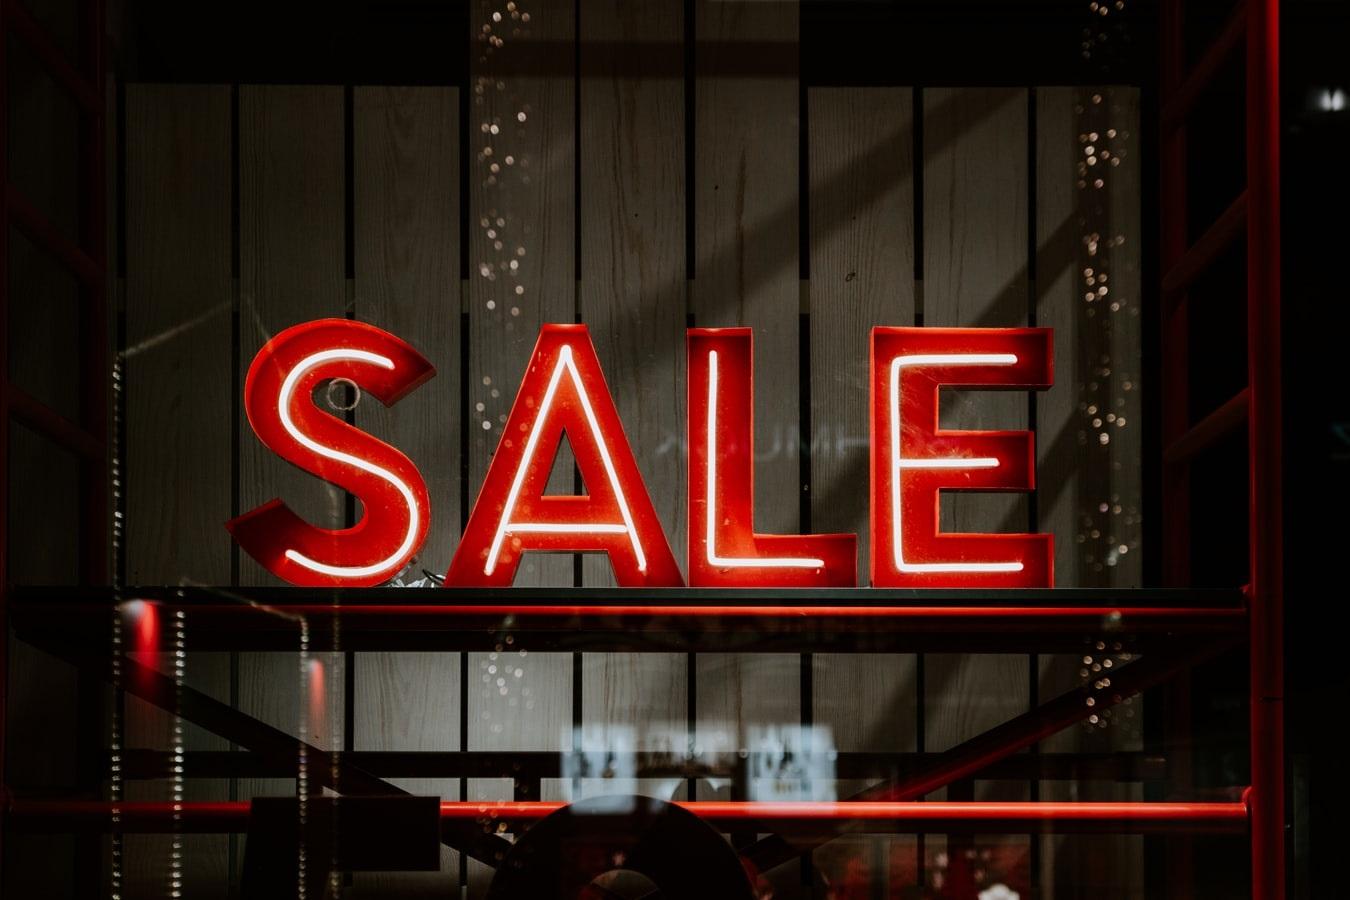 sales-acties-bij-het-aanbod-afbeelding